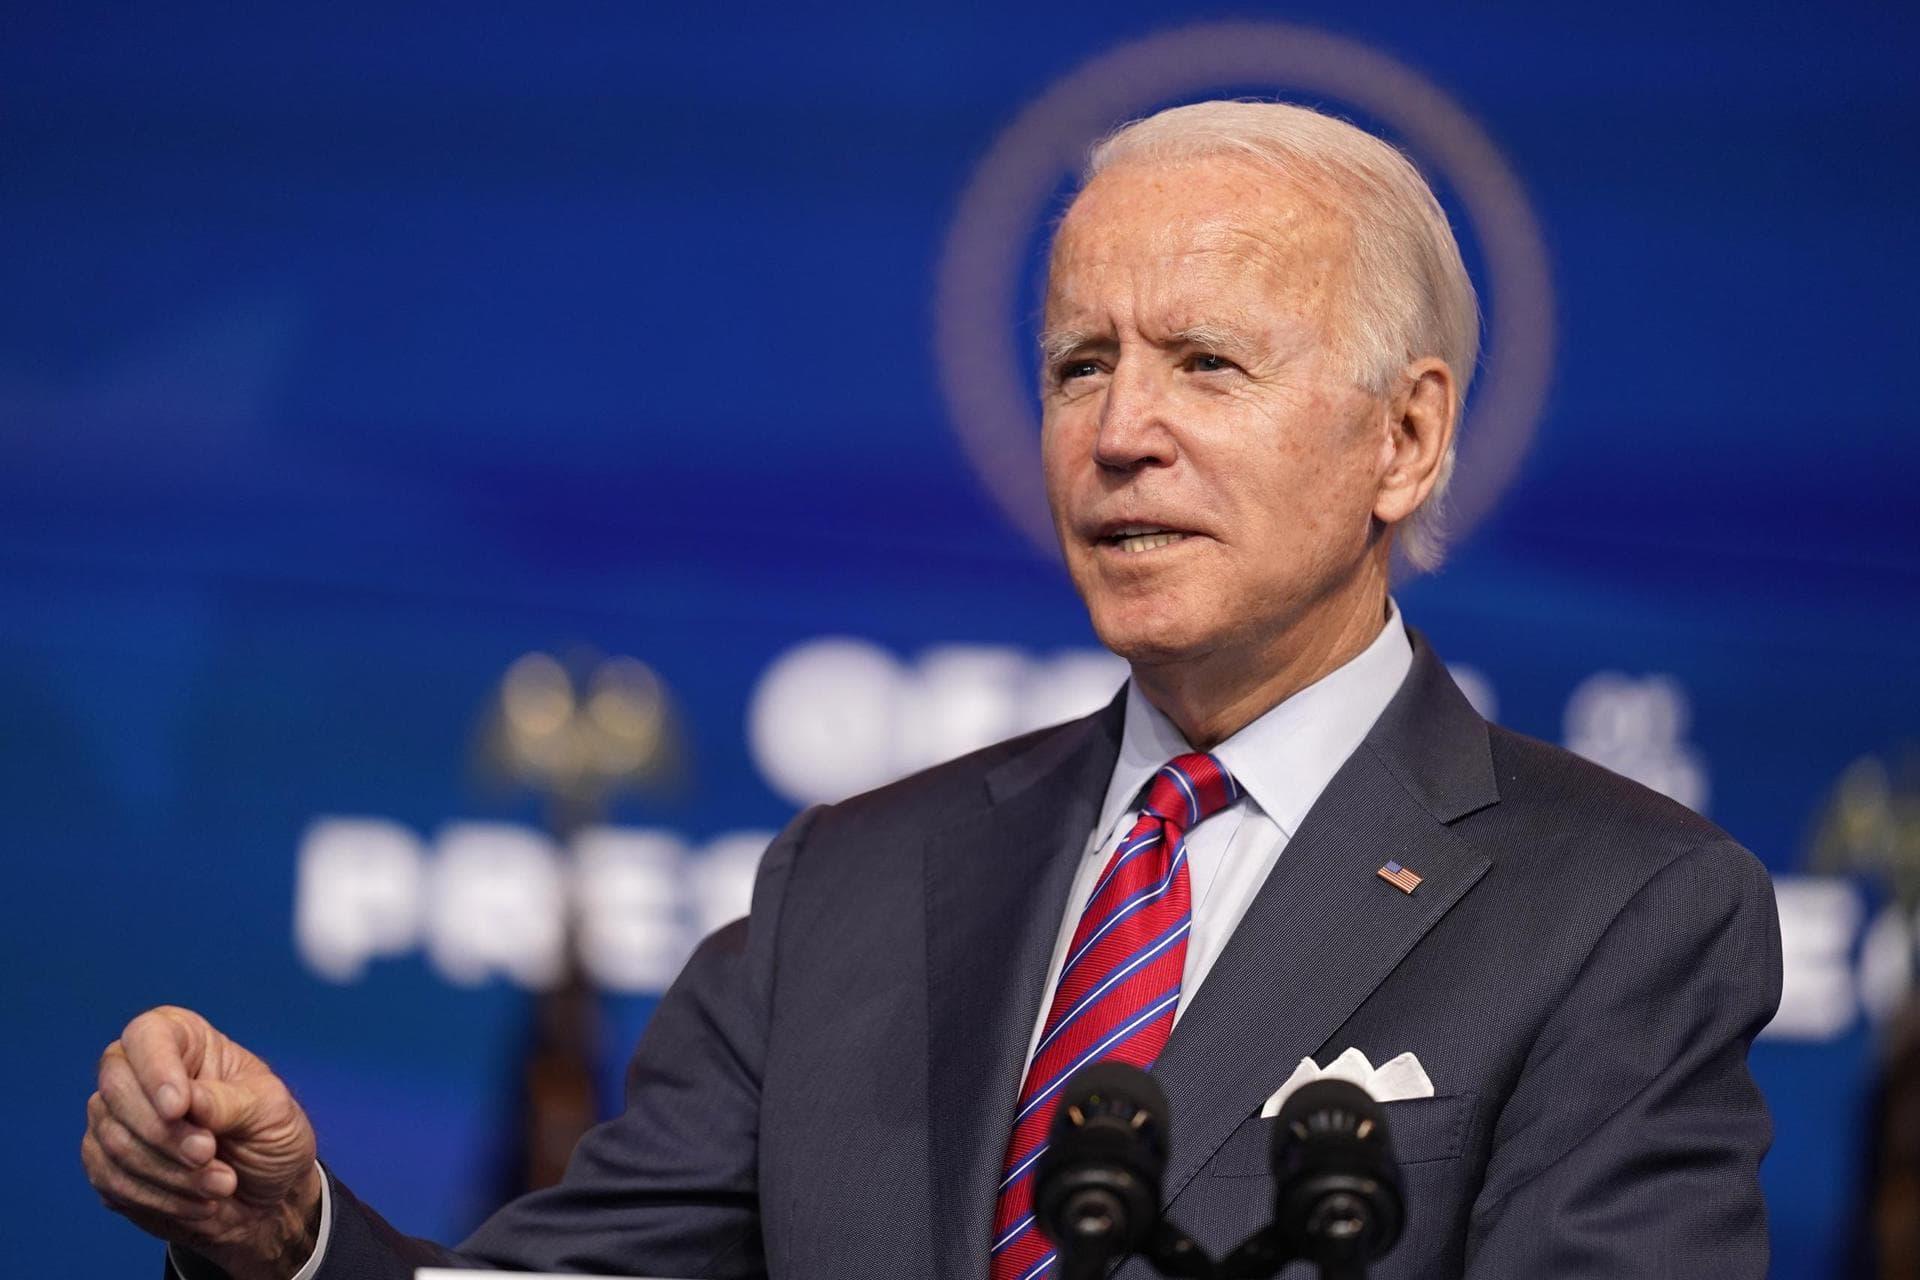 Wahlleute in den USA stimmen über Präsidenten ab Wichtige Hürde